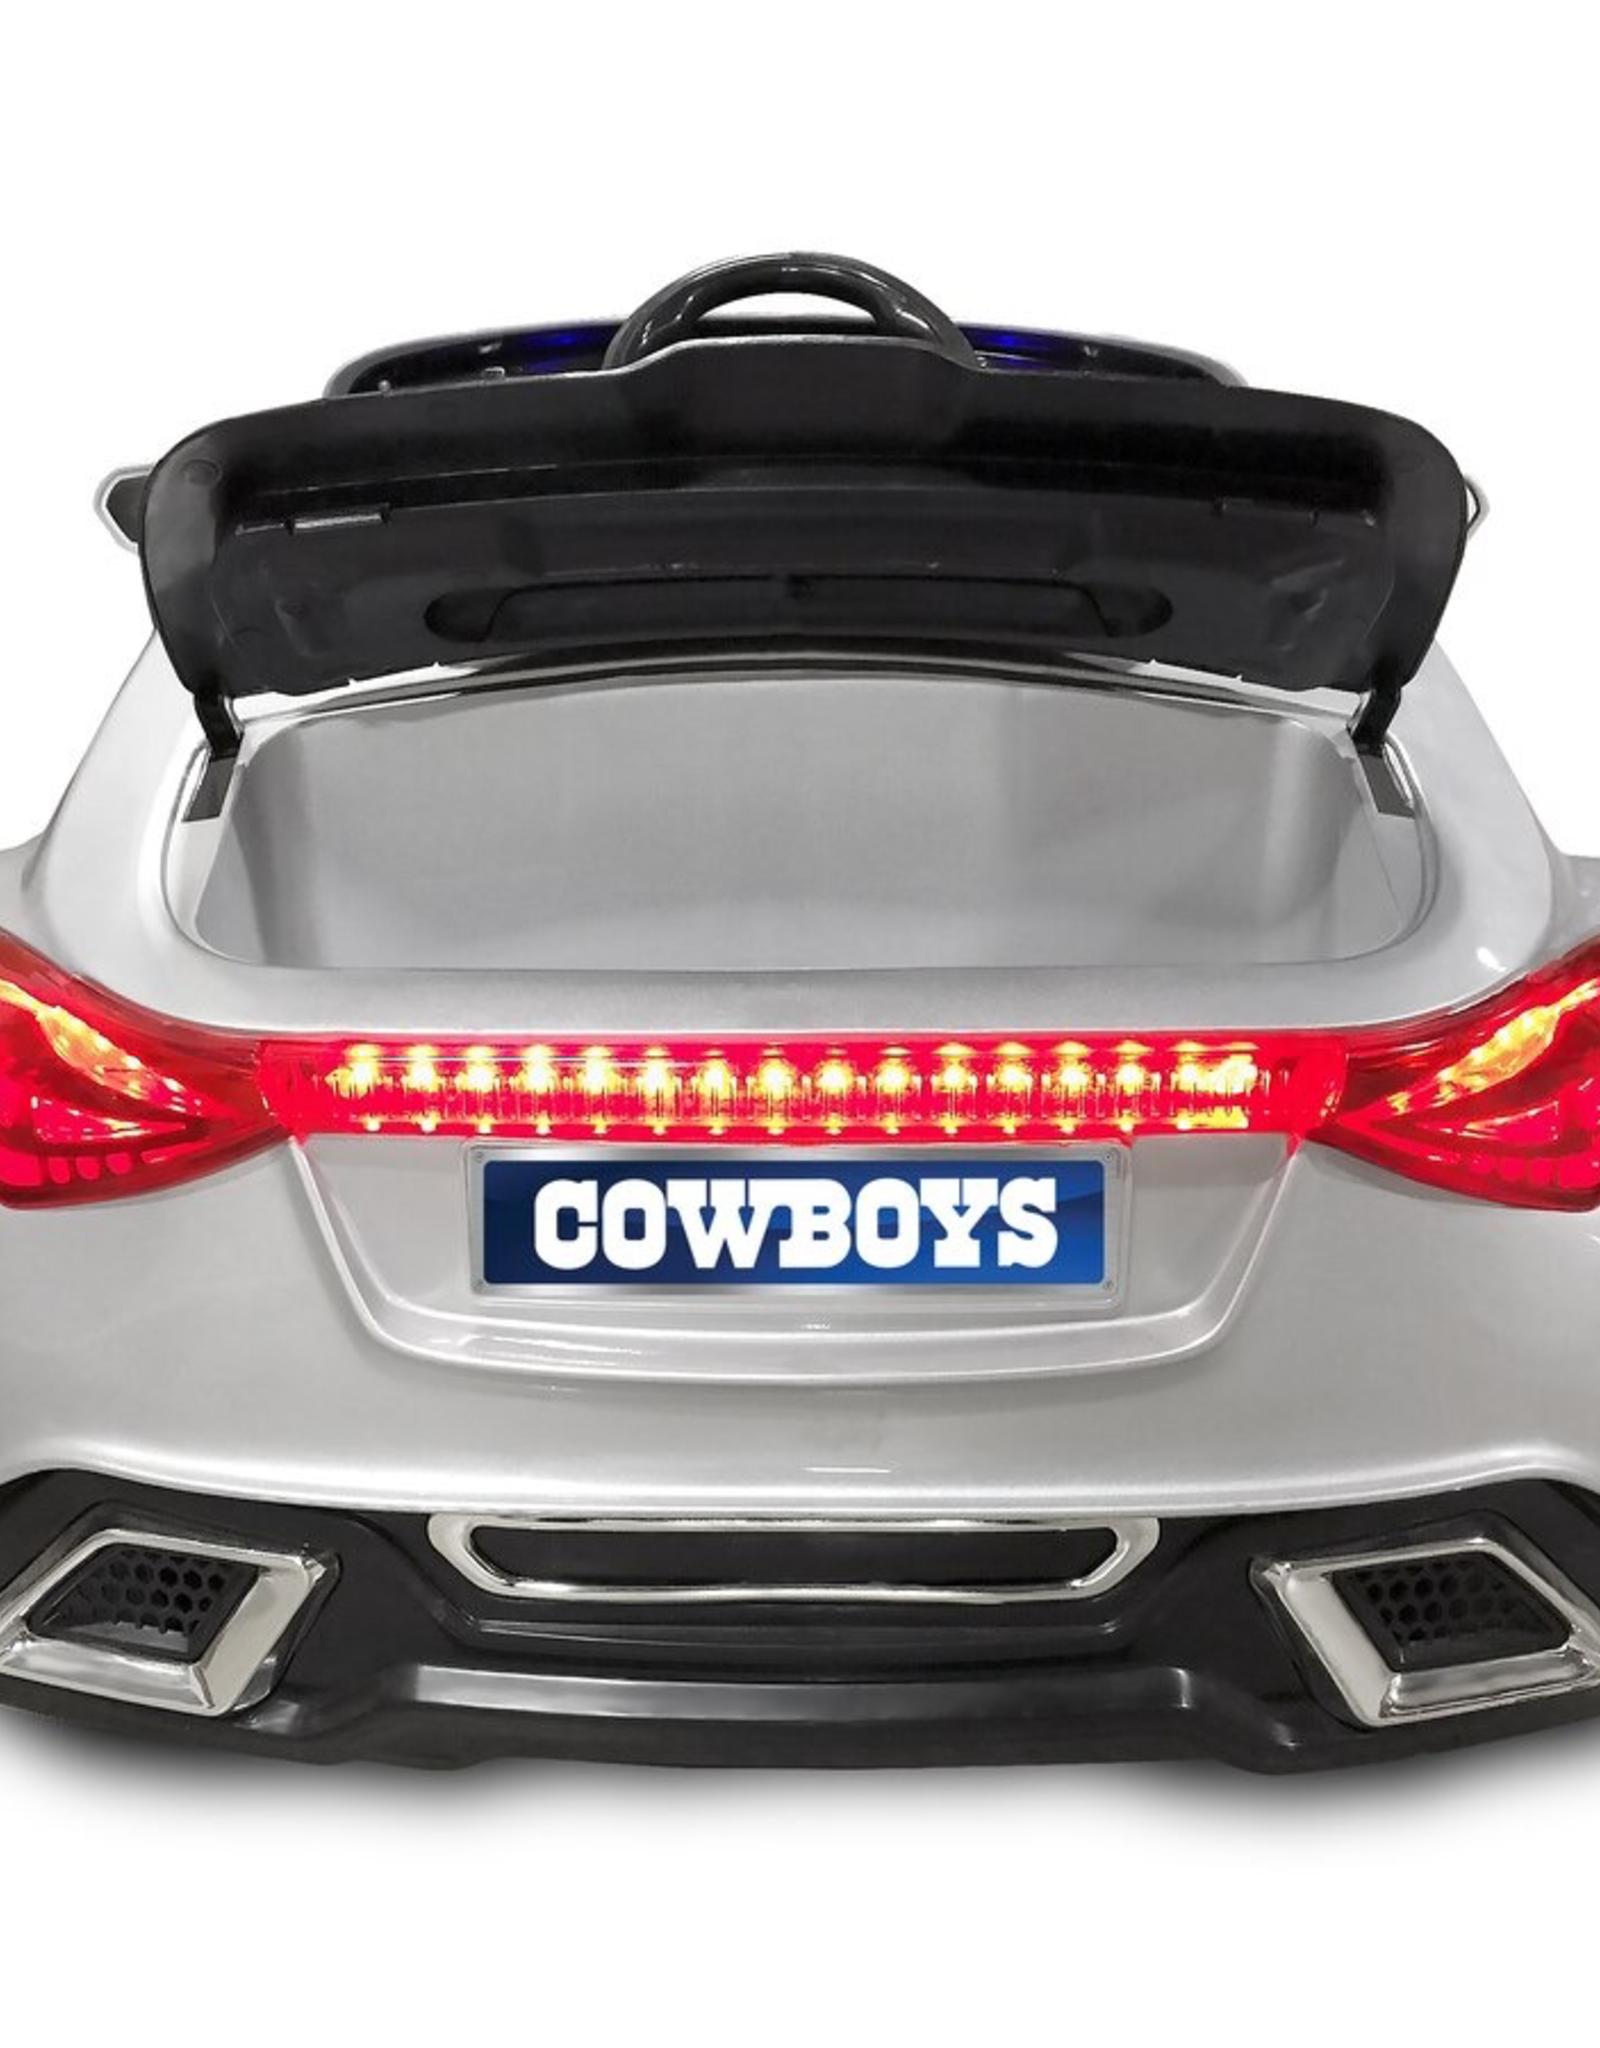 PARTY ANIMAL Dallas Cowboys Ride On Car